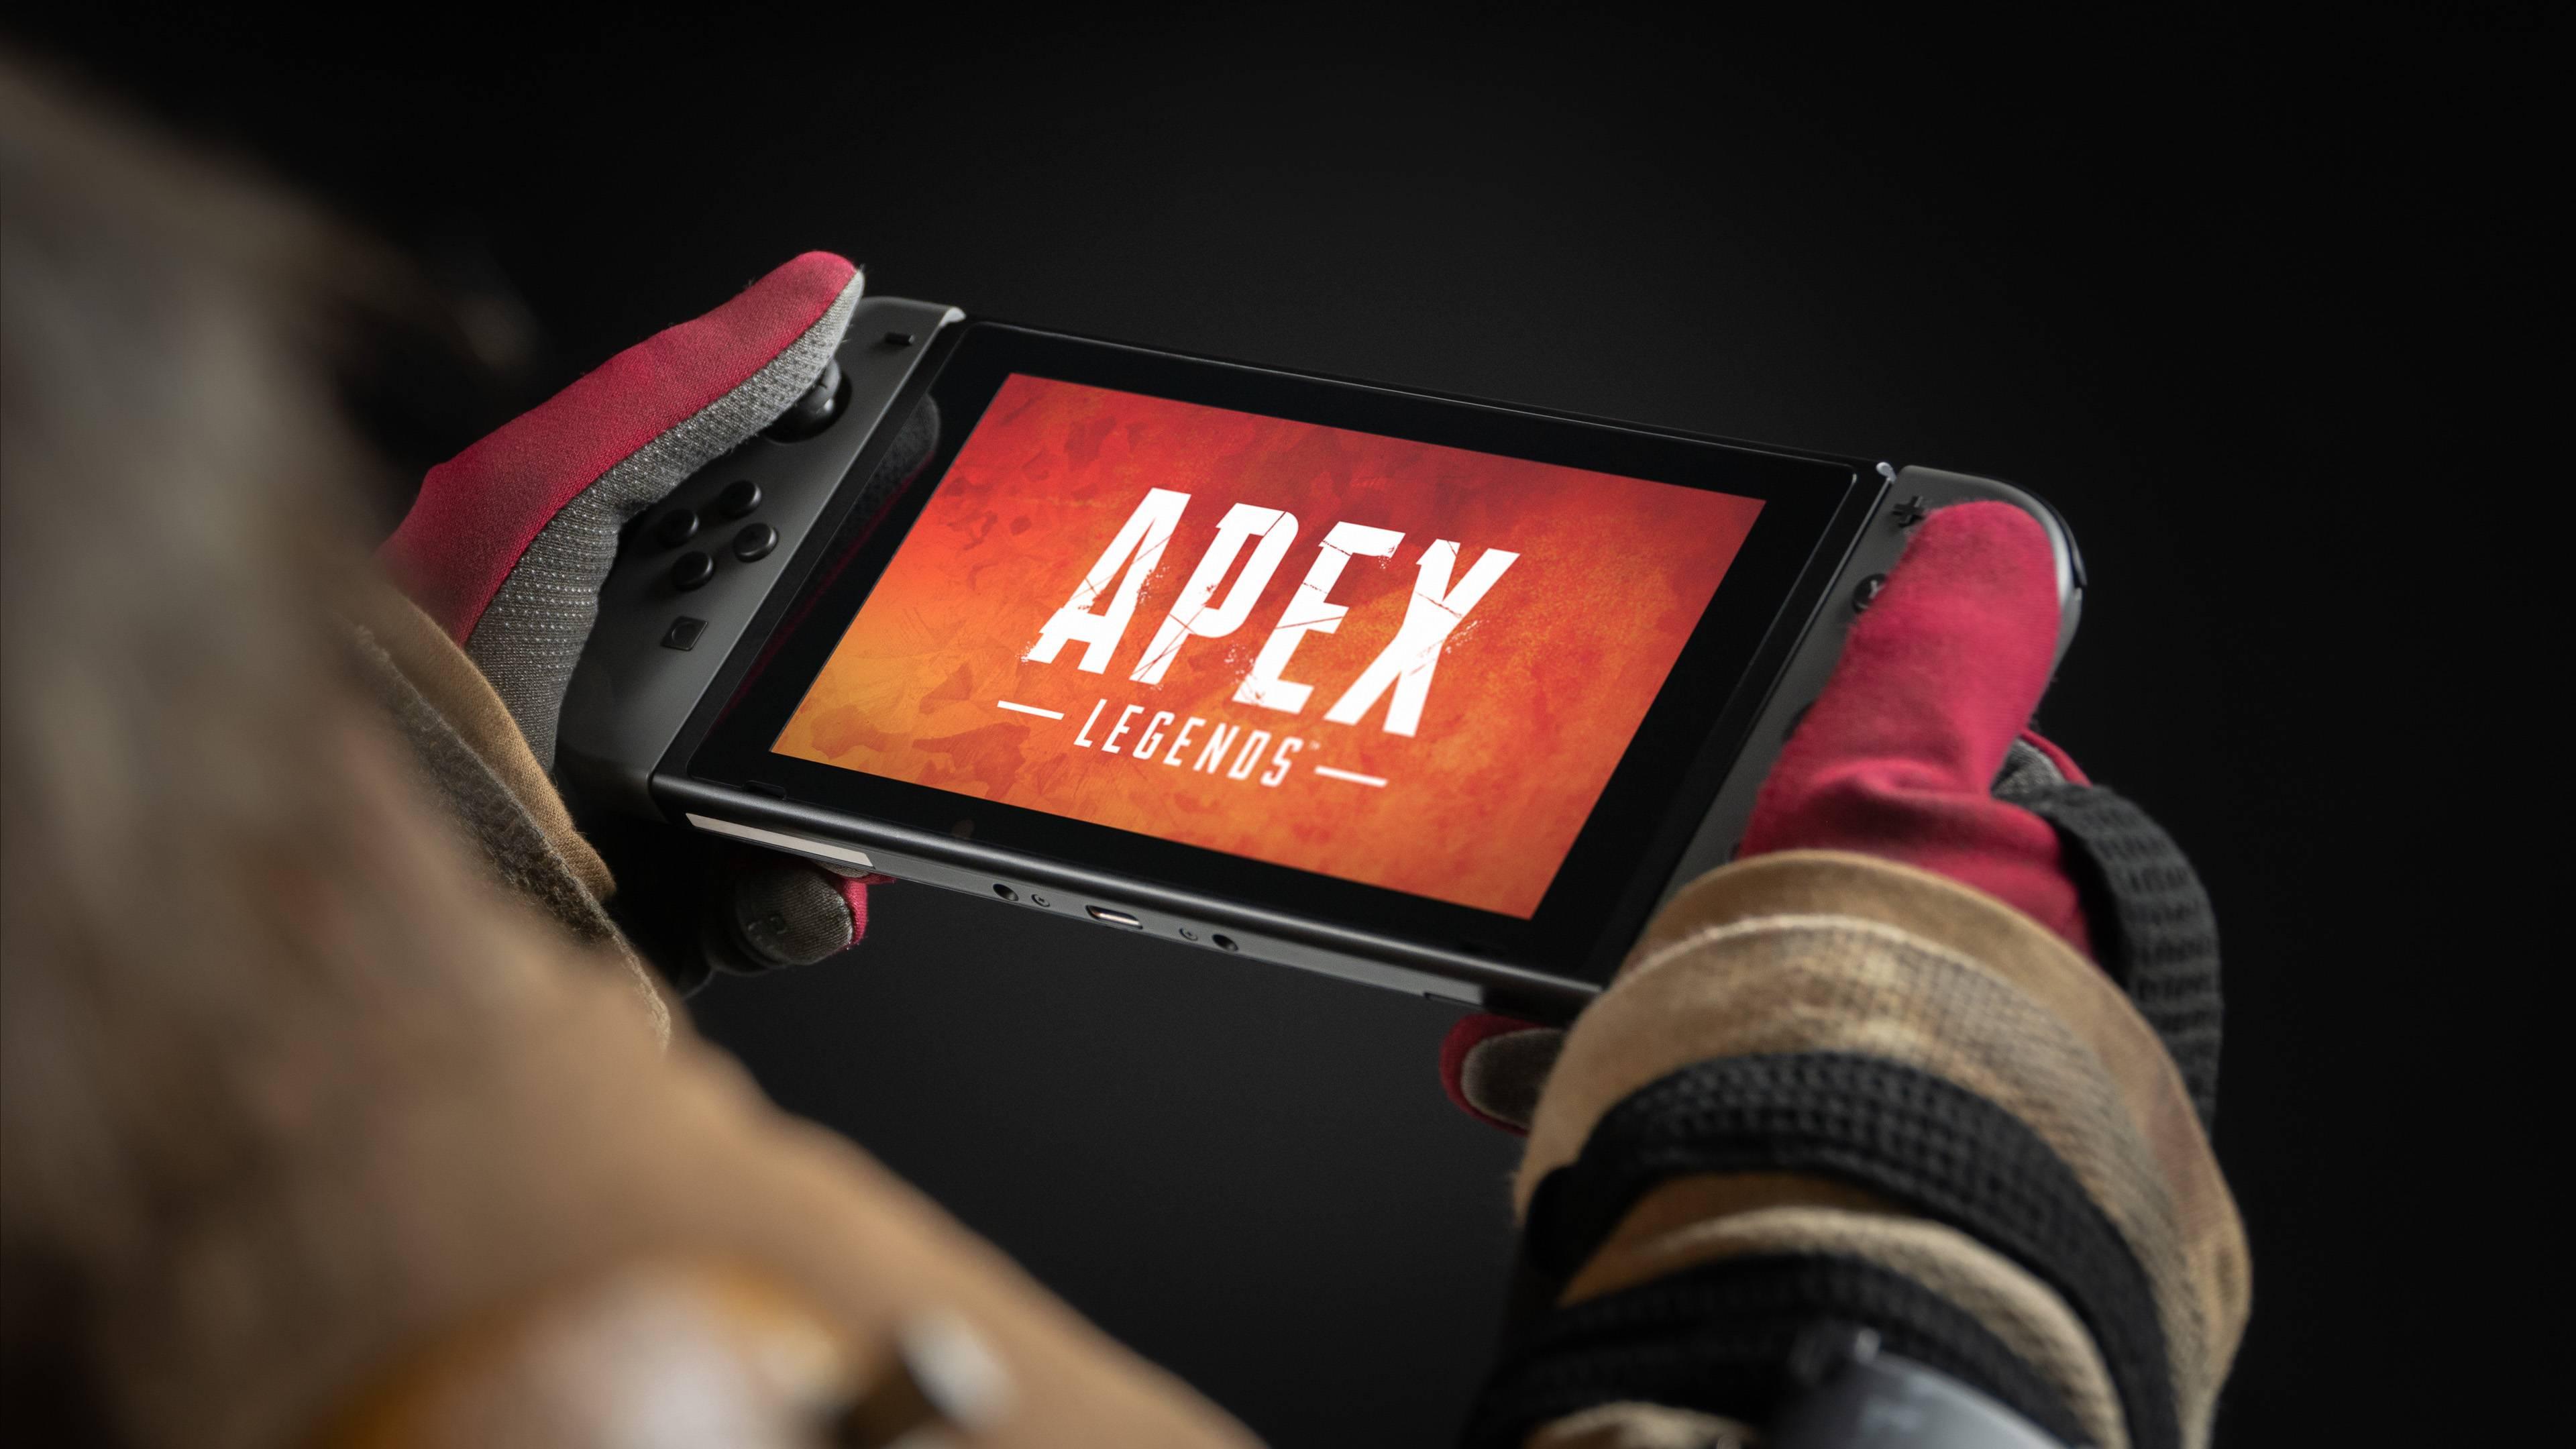 Parece que mañana podremos conocer novedades de Apex Legends para Nintendo Switch